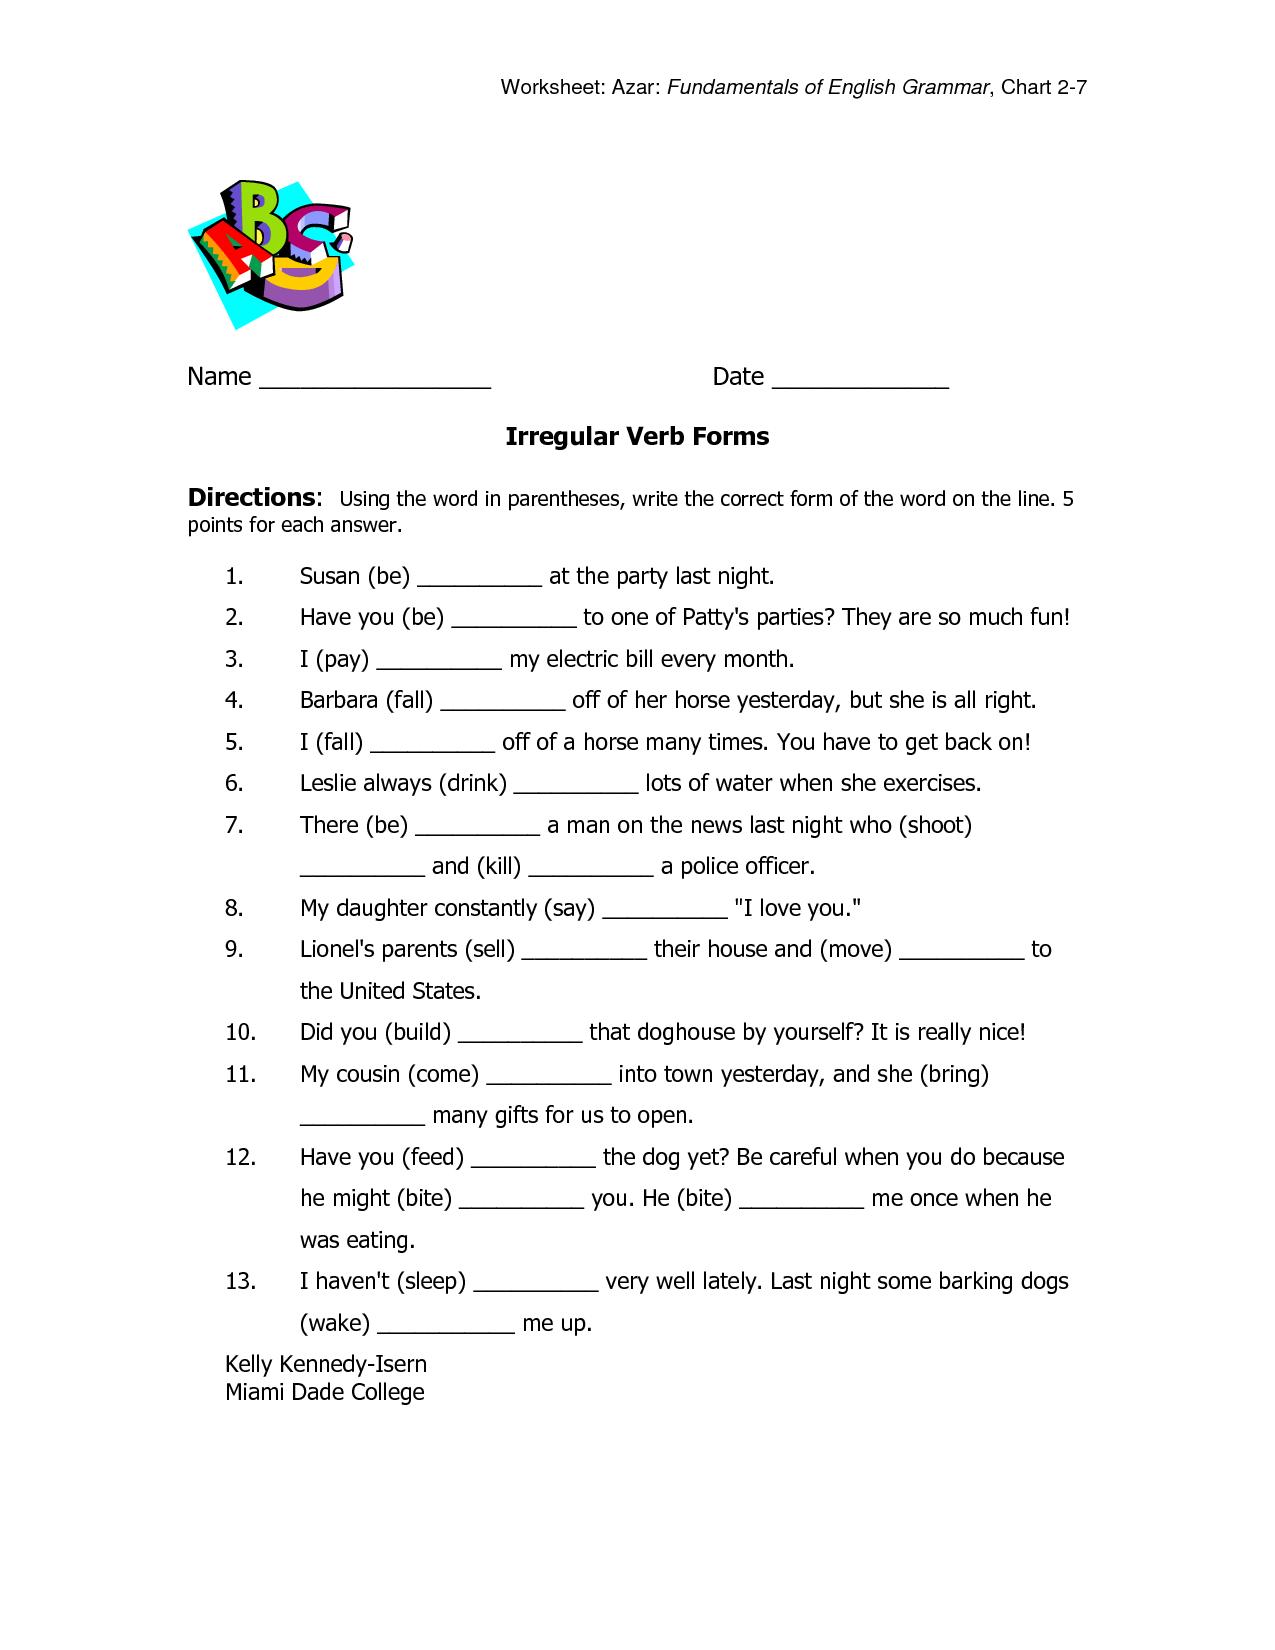 Esl Worksheets For Irregular Verbs